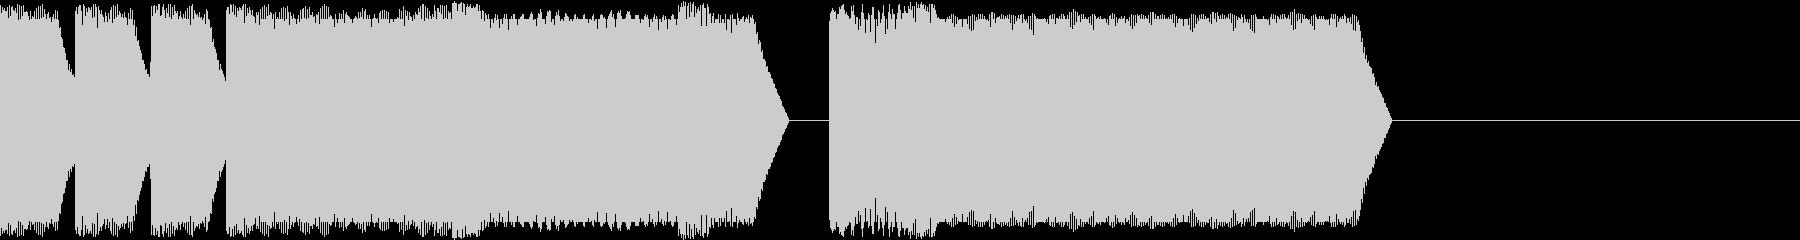 ファミコン風アイテムゲット時SEの未再生の波形